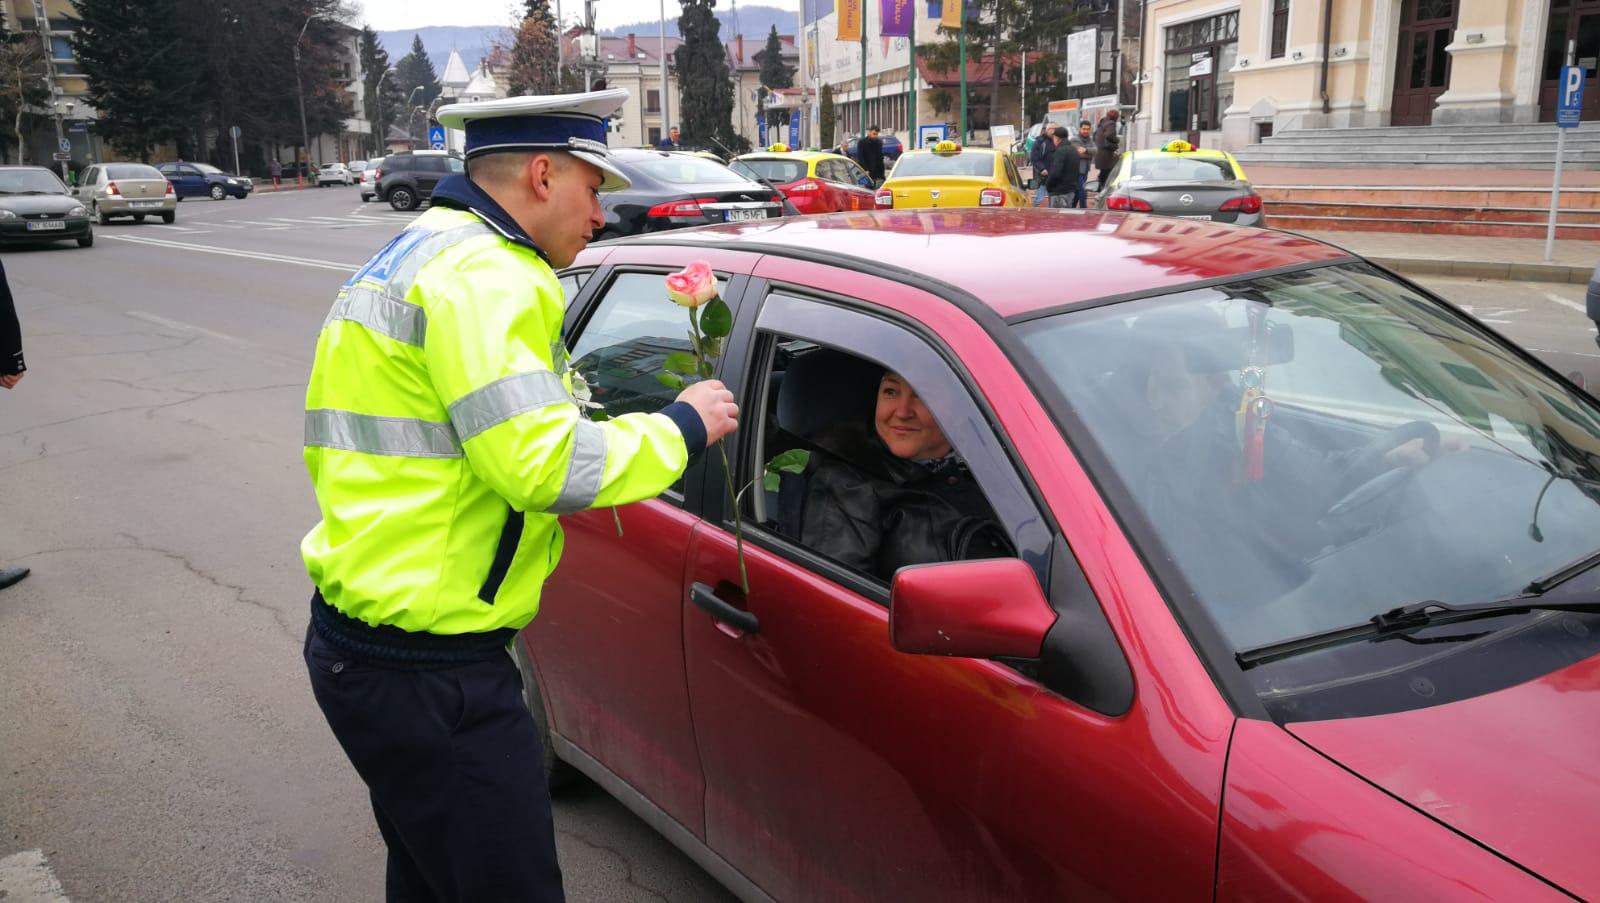 Poliţiştii rutieri au oferit flori şoferiţelor, de Ziua Femeii